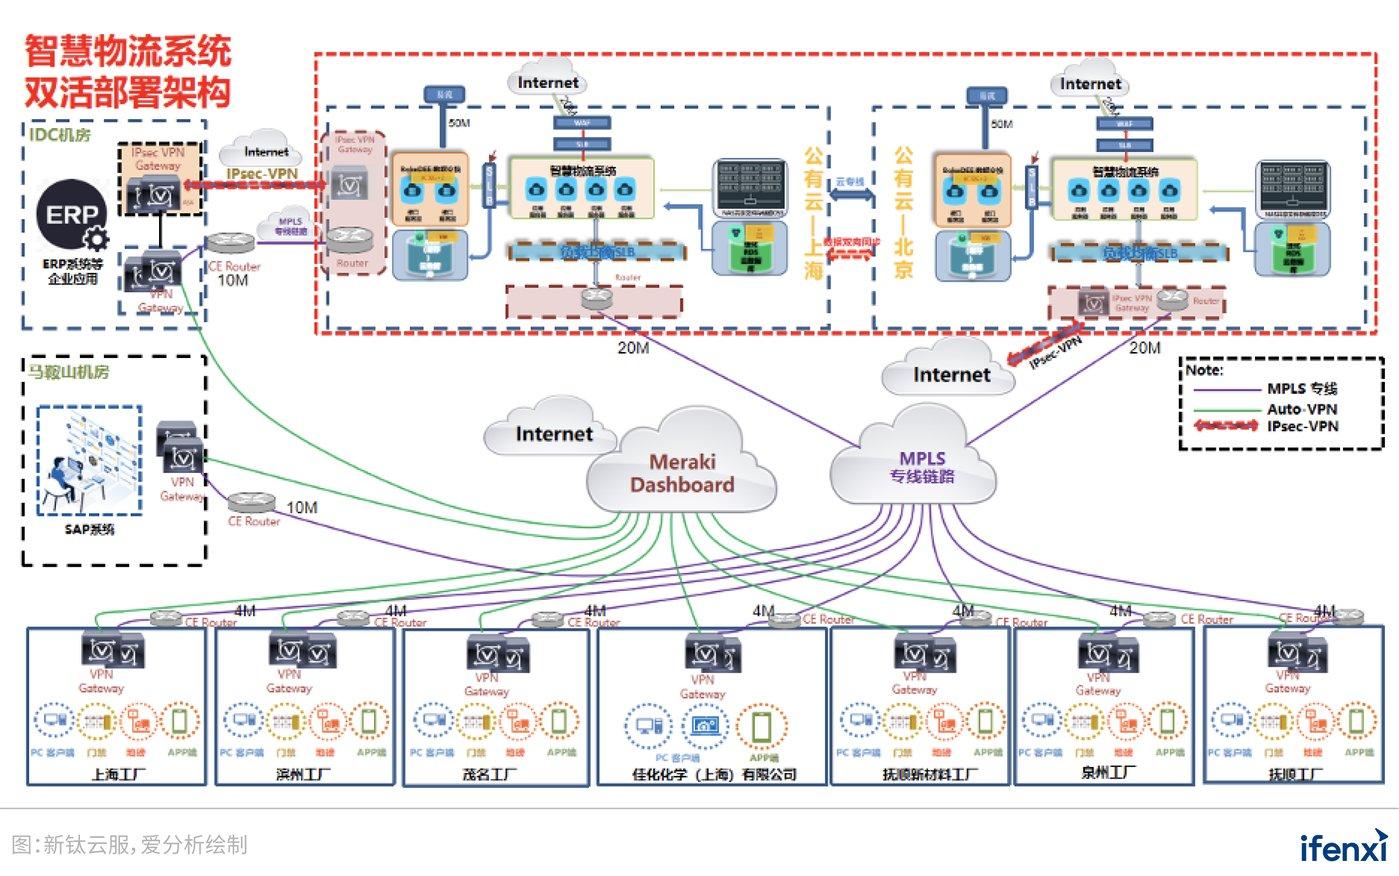 图 13:北京-上海双节点、双活部署架构下的智慧物流系统